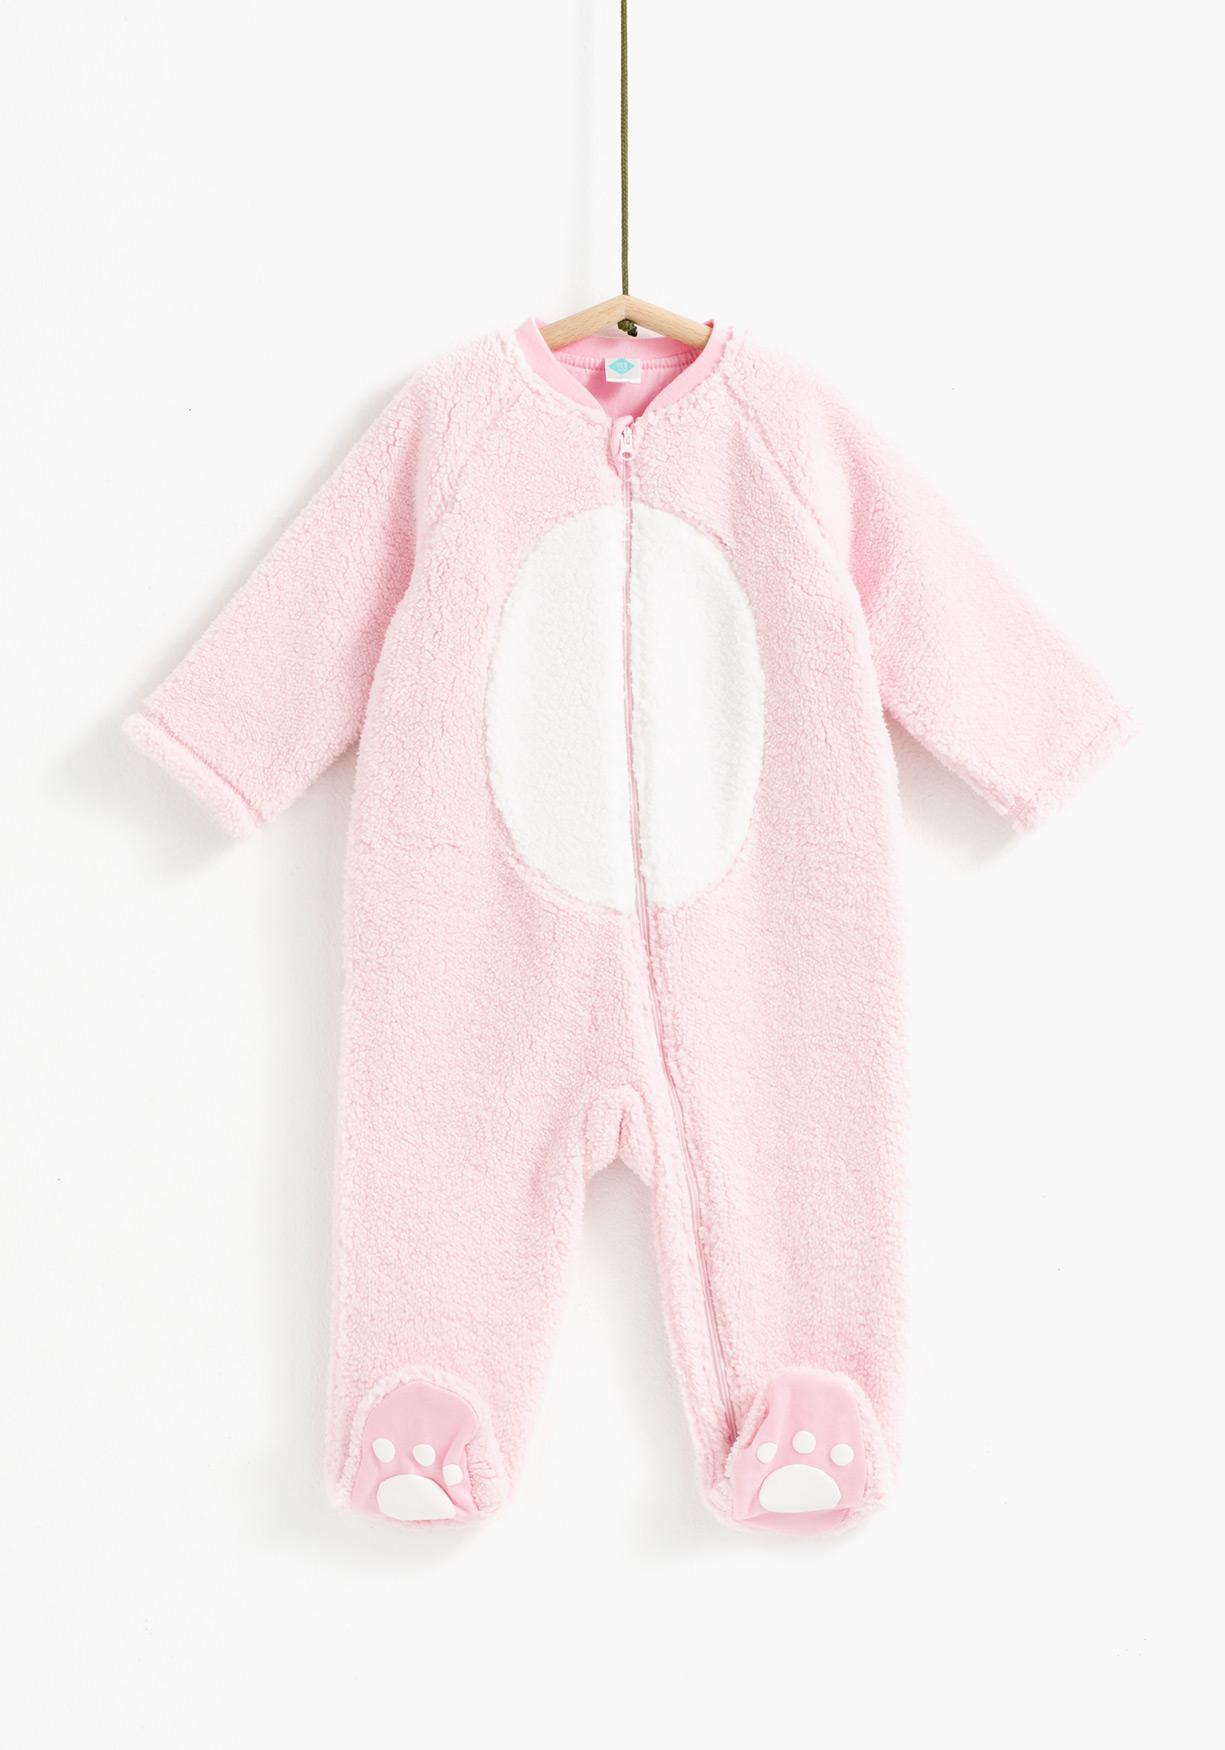 4a280a778 Comprar Pijama Manta Unisex Tex Aprovéchate De Nuestros Precios